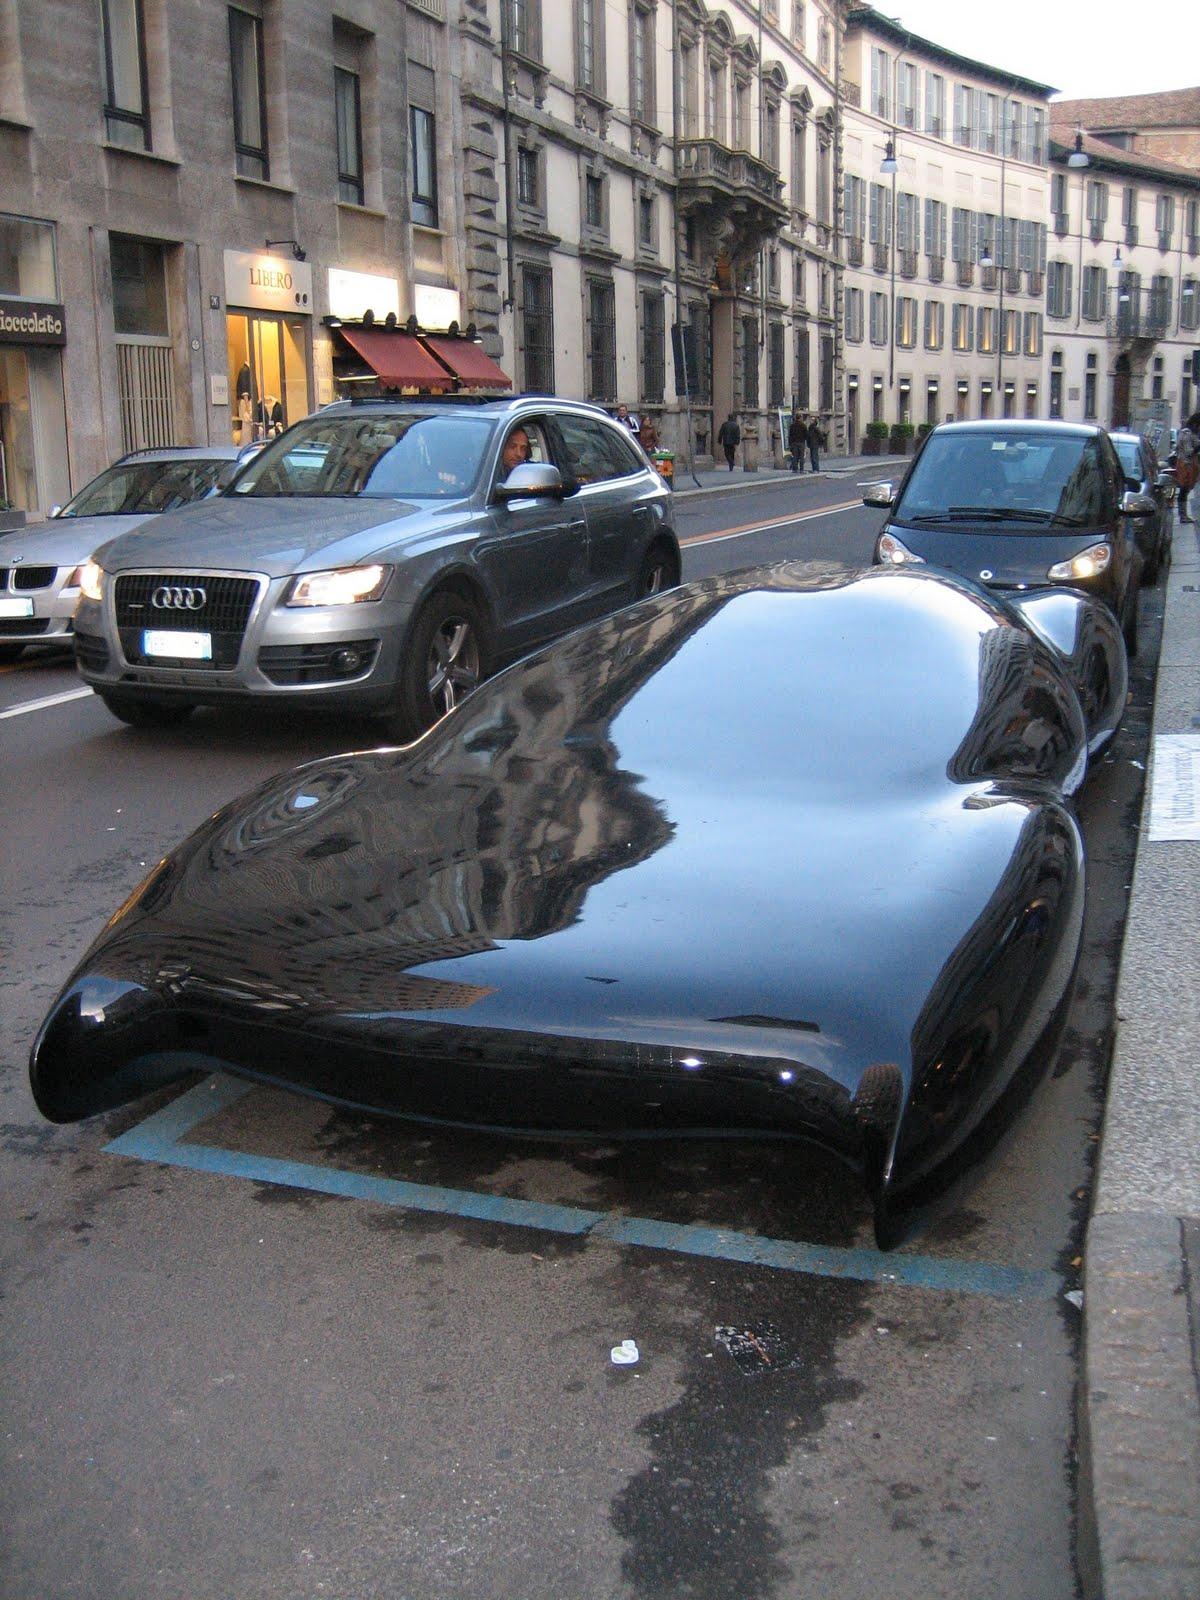 海外で平べったい車が発見されるwwwwwwww